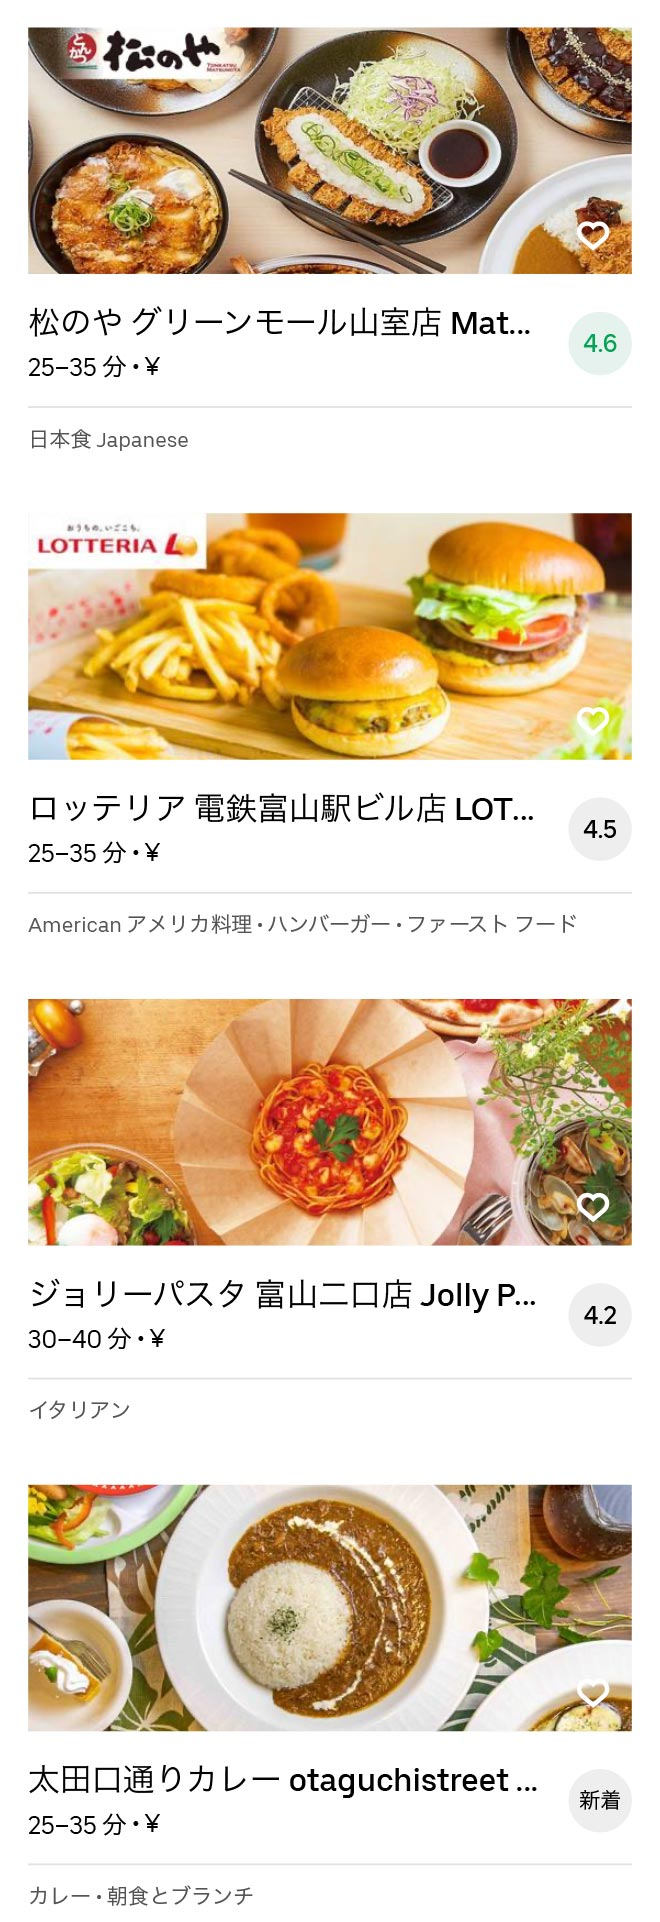 Minami toyama menu 2009 05